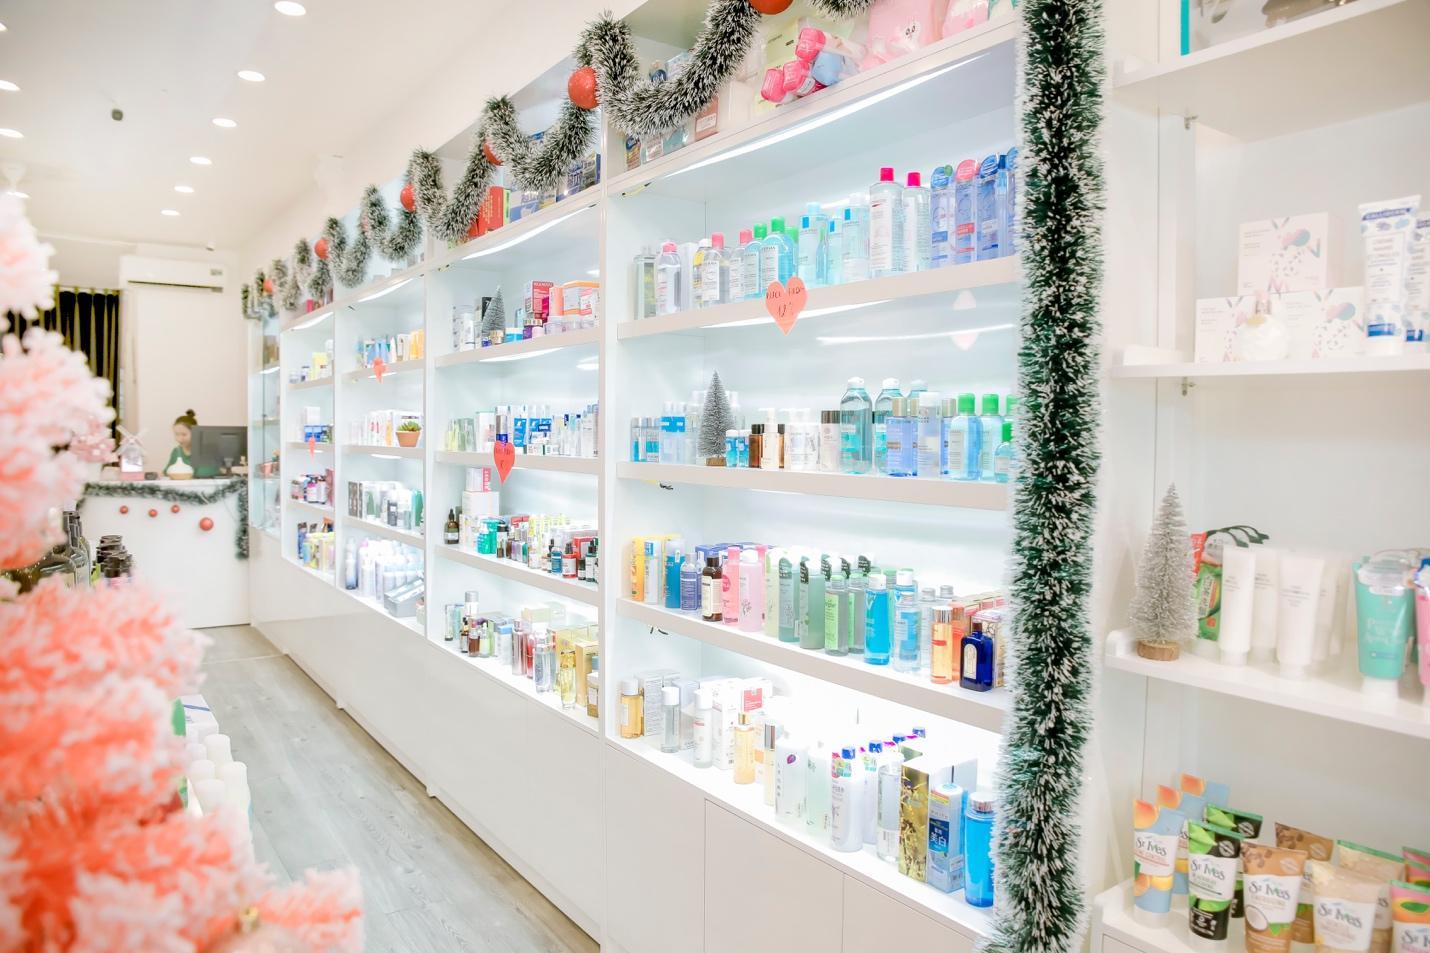 Trần Phi Yến Store – Shop thời trang, mỹ phẩm quen thuộc của phái đẹp Đồng Nai - Ảnh 3